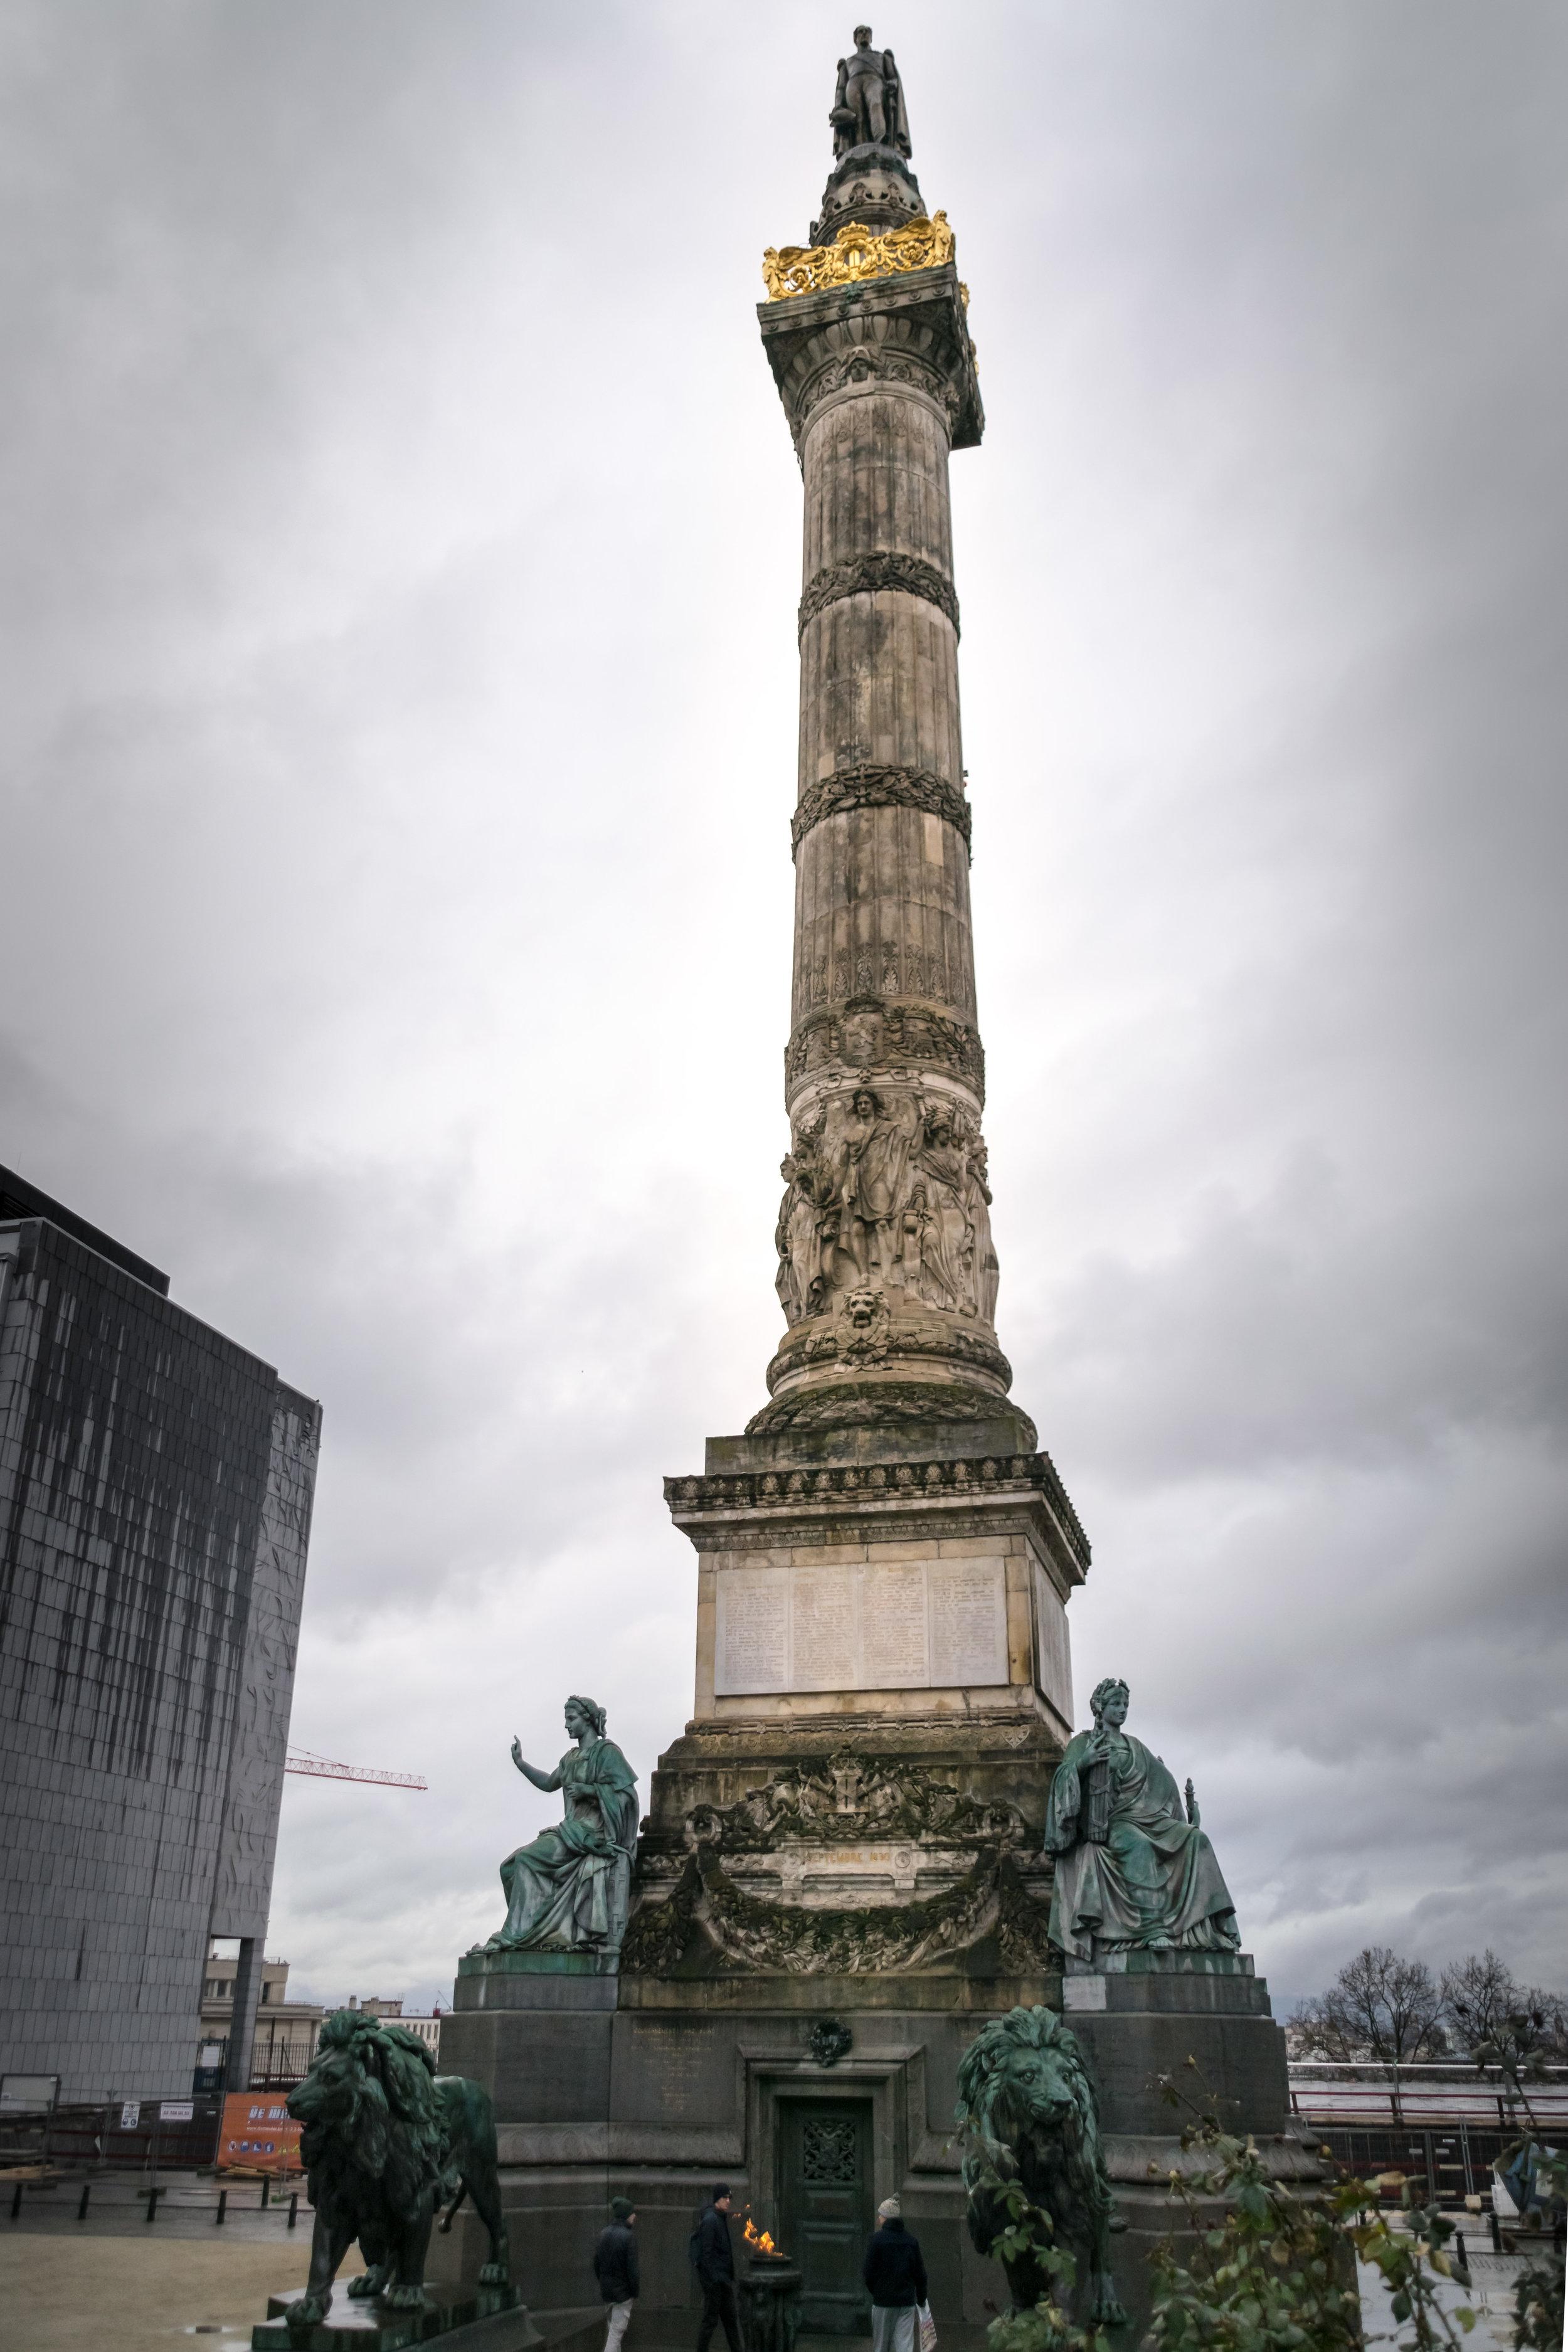 the 1850 Congress Column, celebrating Belgium's Constitution